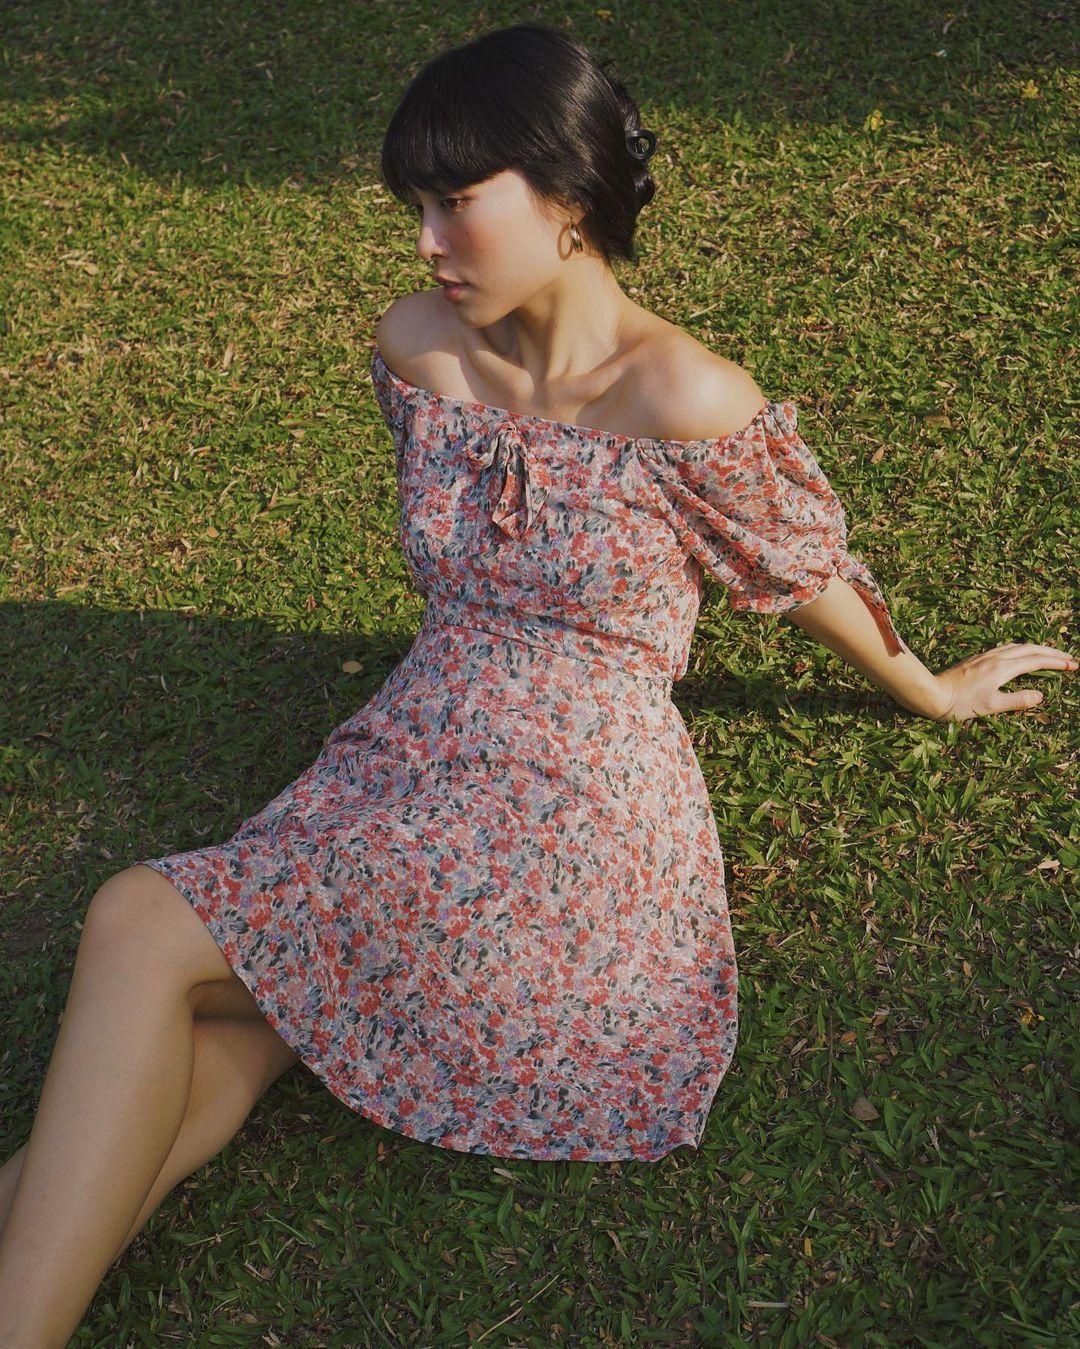 Thiều Bảo Trâm diện váy hoa xinh mê ly, bóc mác mới biết là hàng mua online chỉ 265k - Ảnh 9.